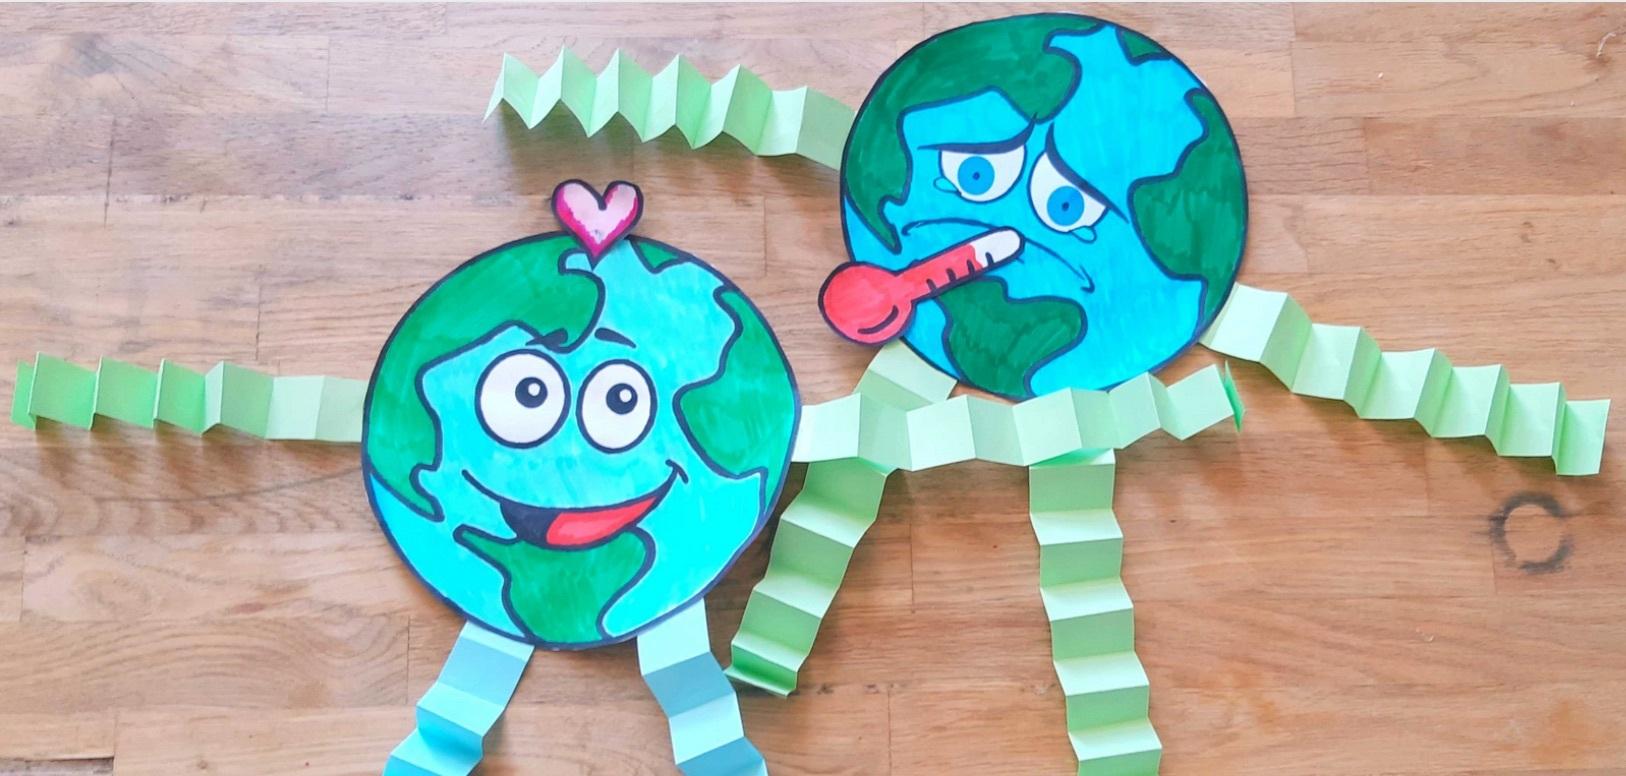 Äiti maa ja ilmastonmuutos askartelu